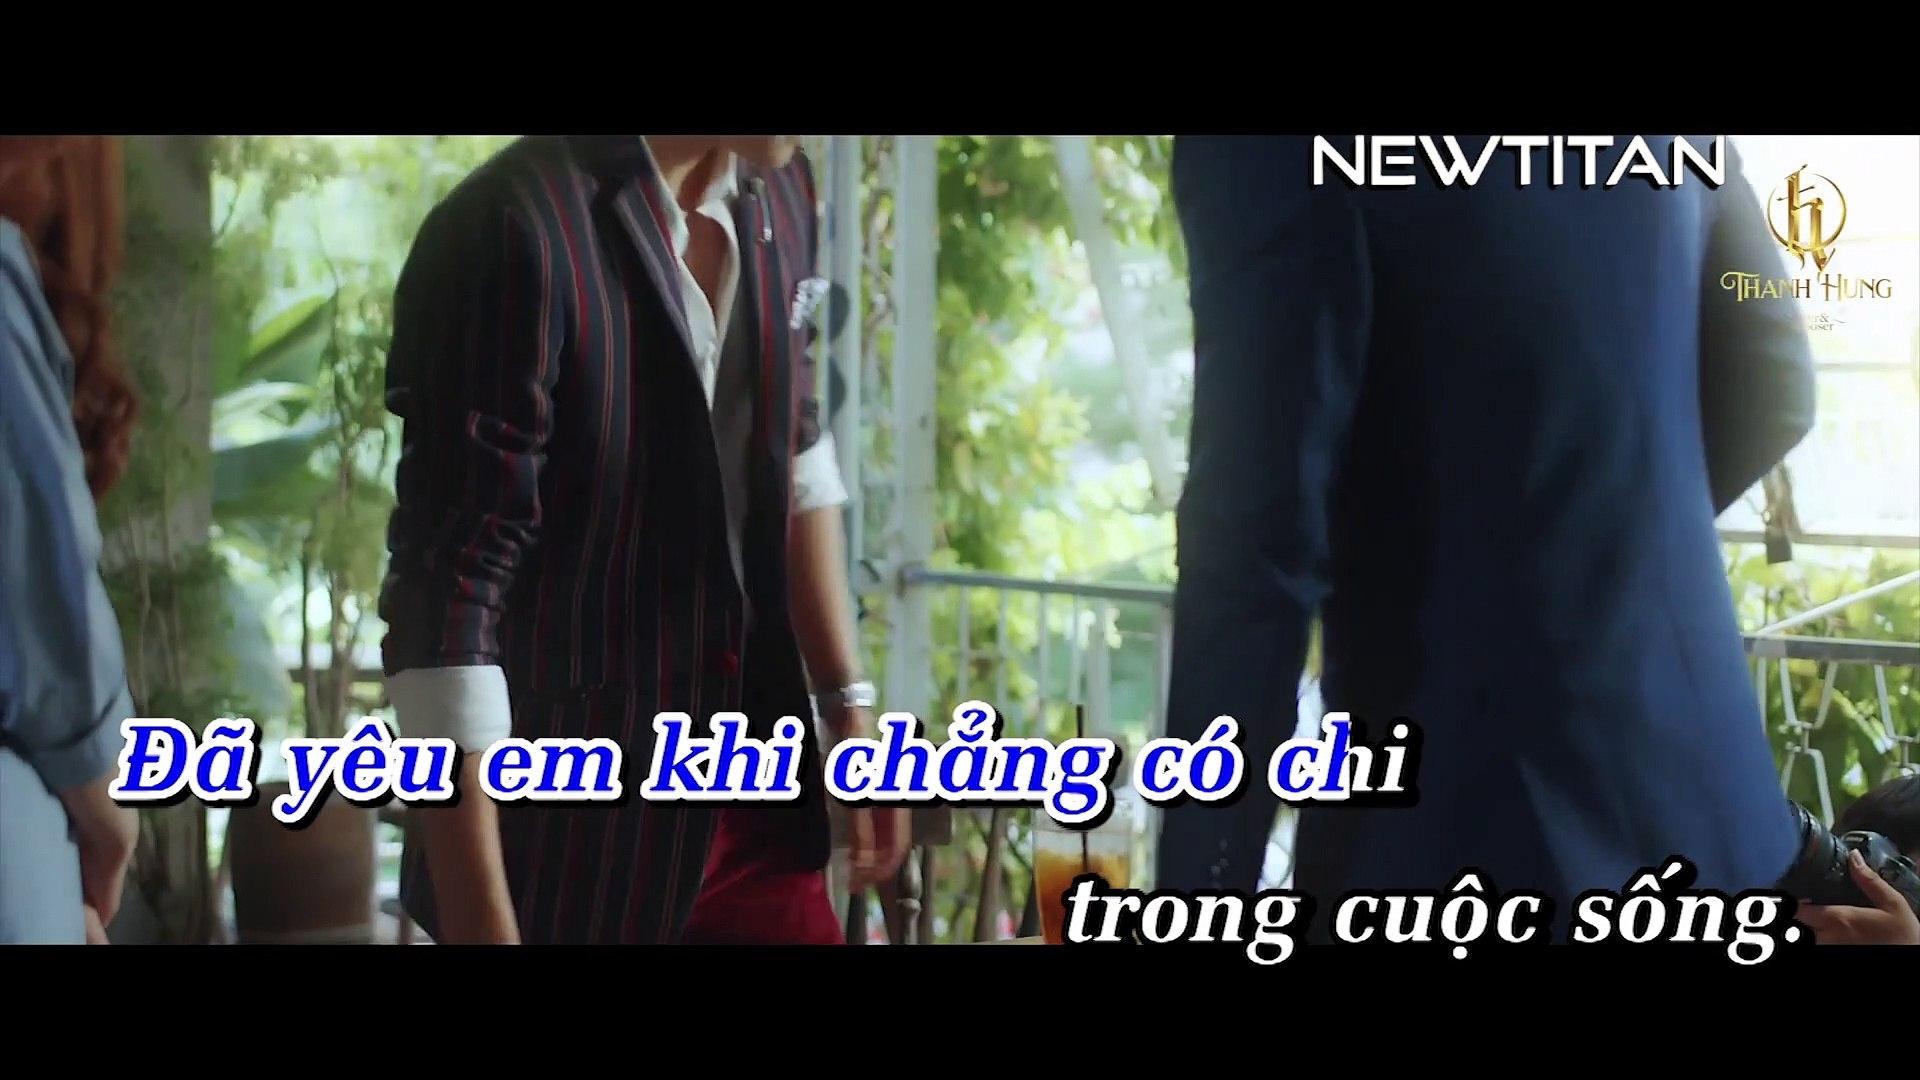 [Karaoke] Thay Tôi Yêu Cô Ấy - Thanh Hưng [Beat]